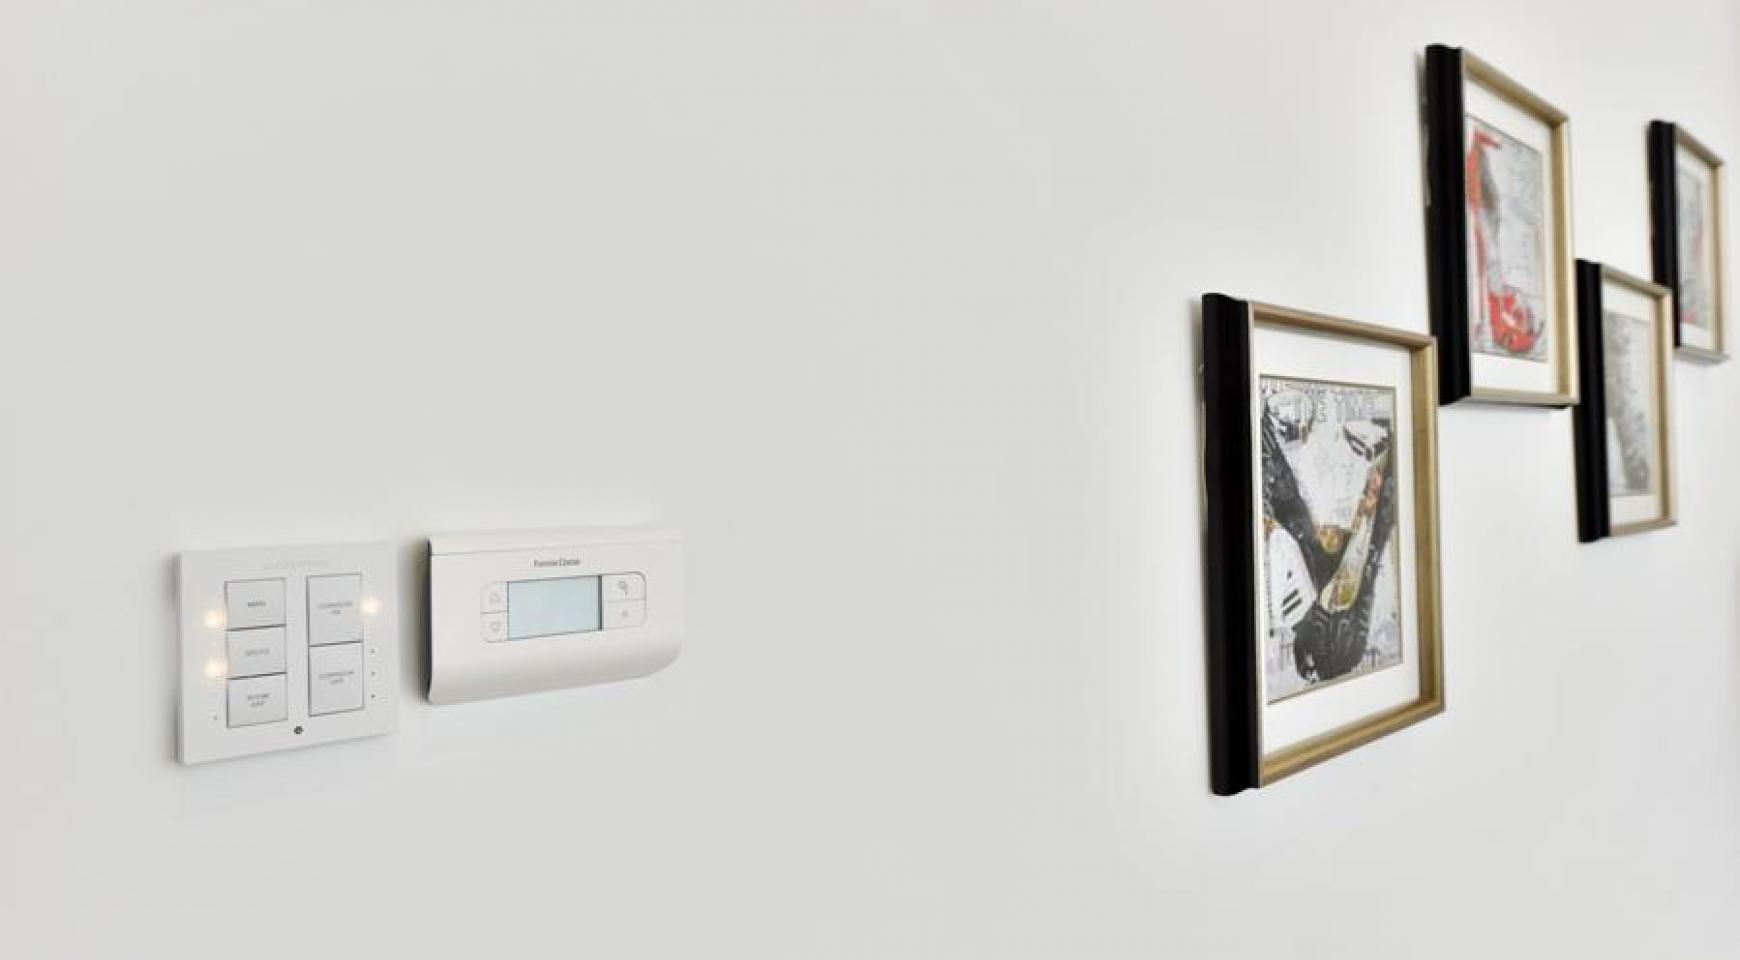 Πολυτελές διαμέρισμα 2 υπνοδωματίων με ταράτσα στο νεόδμητο συγκρότημα - 38